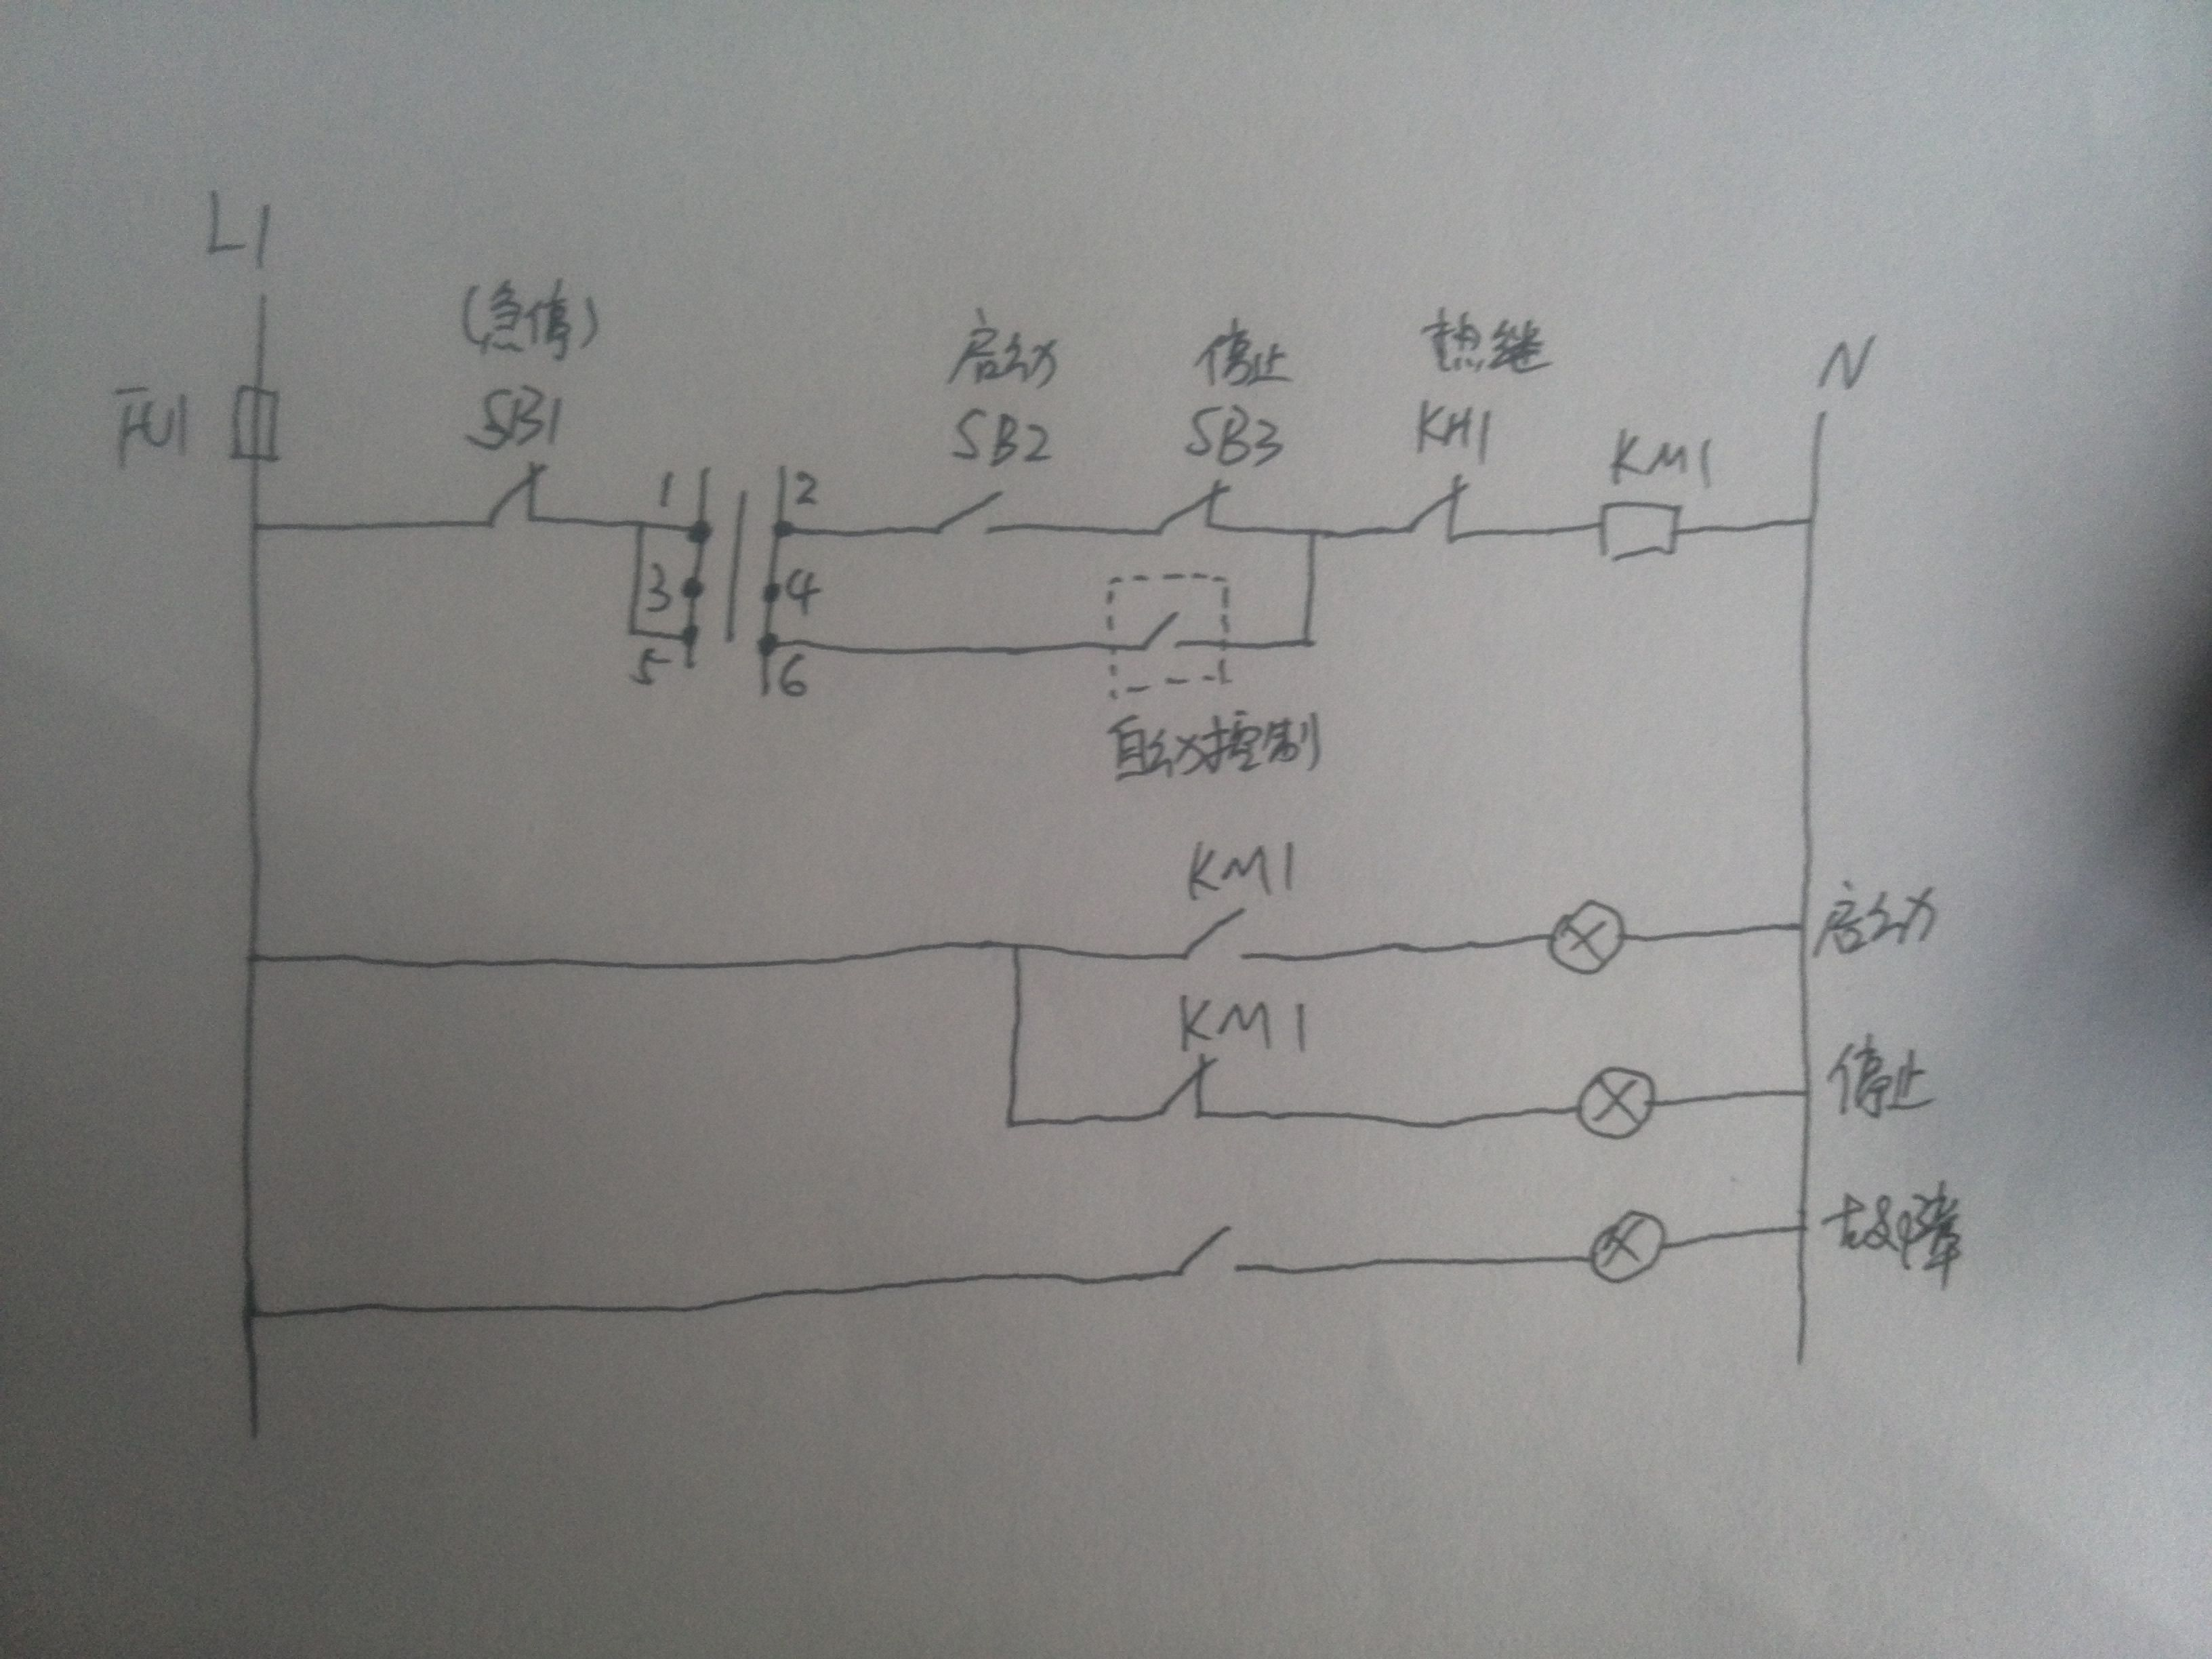 温控开关温度开关_三档旋转开关电气图_完美作业网_www.wanmeila.com